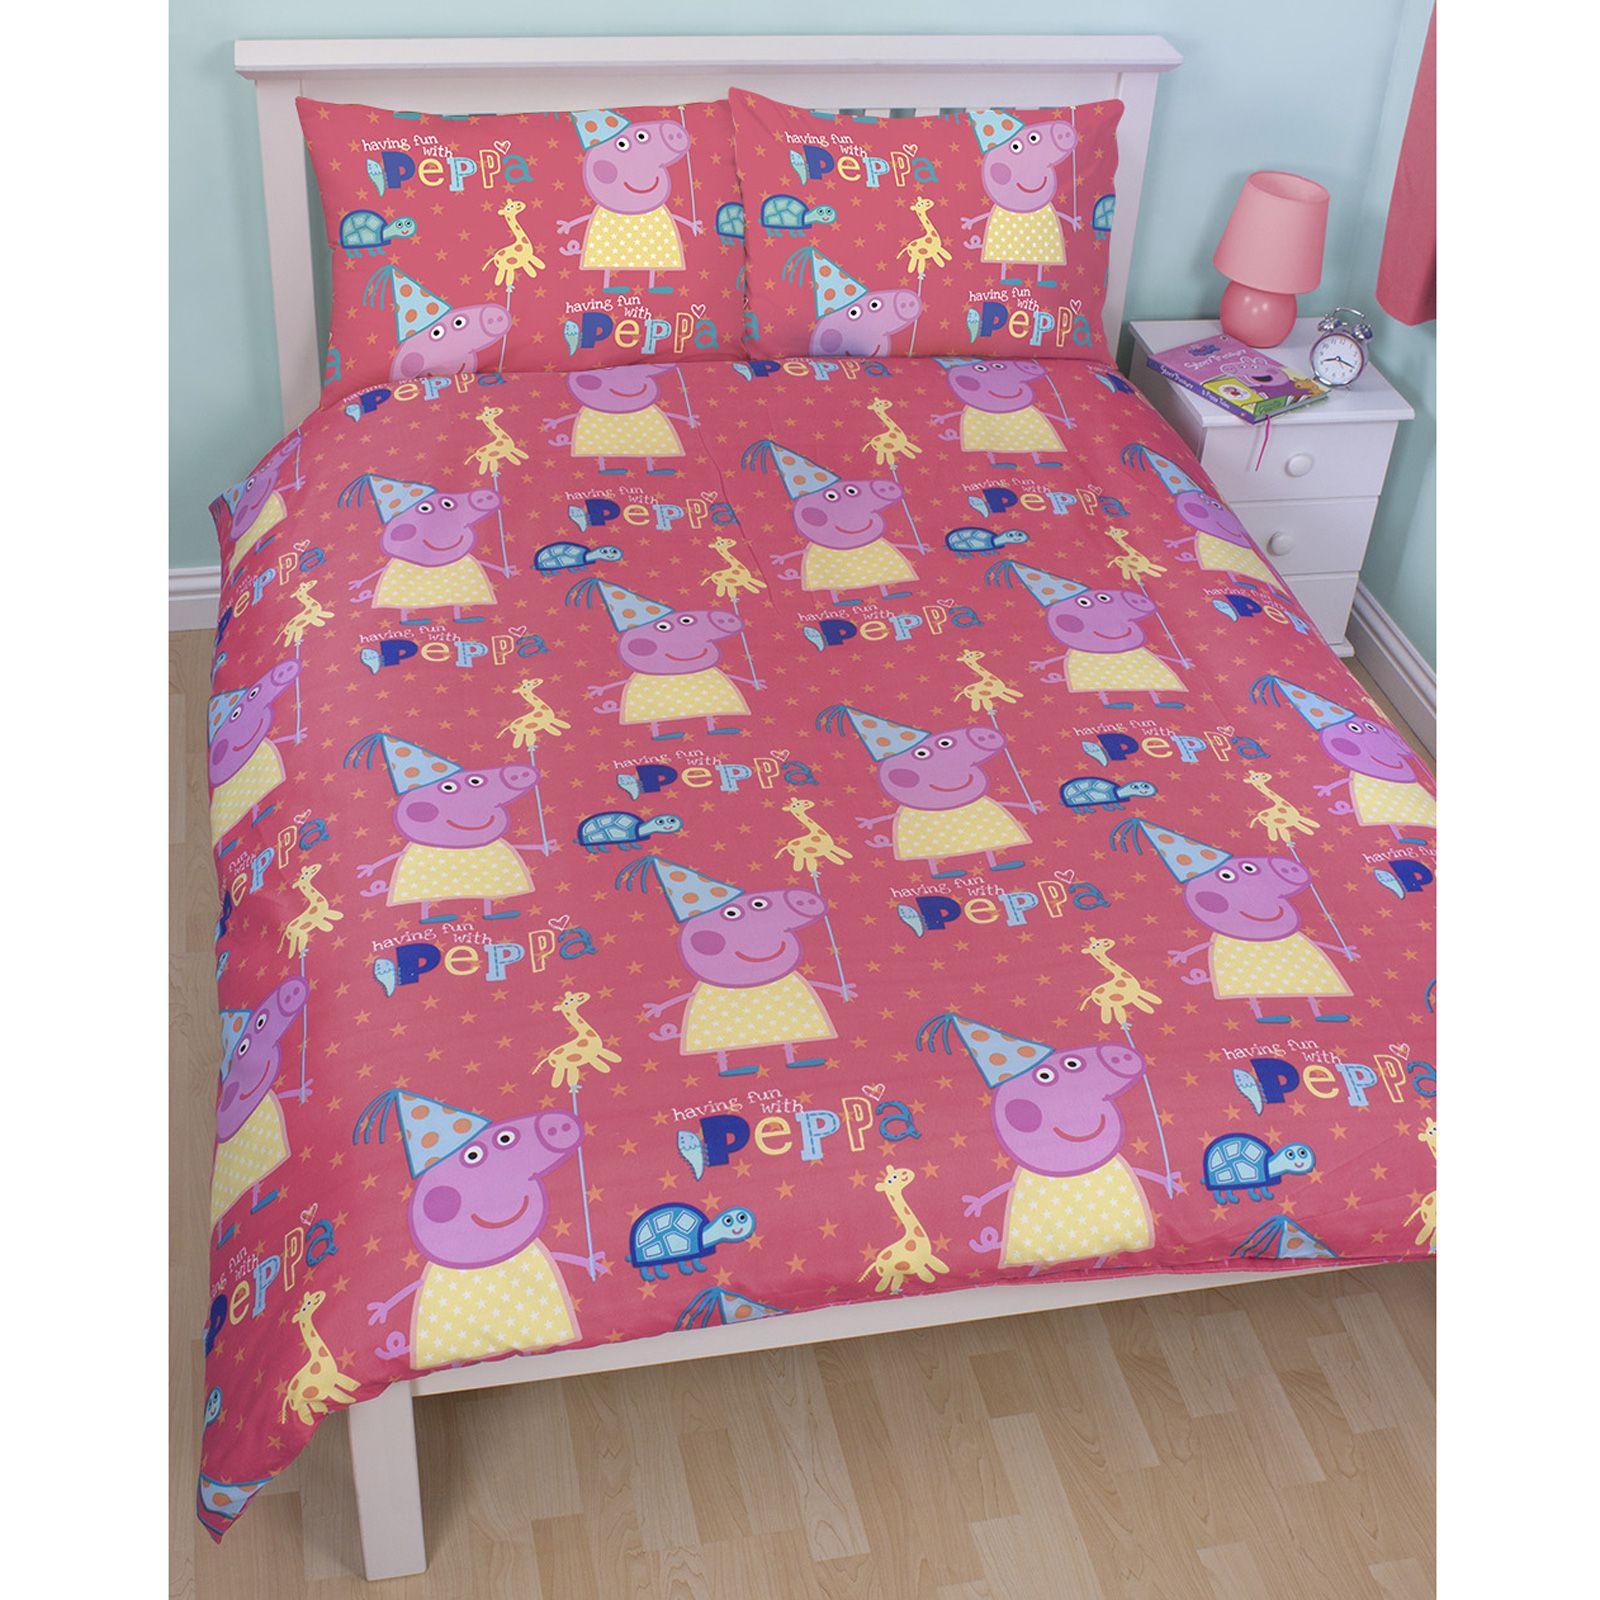 Peppa Pig Funfair Bedroom Range Doona Covers Junior